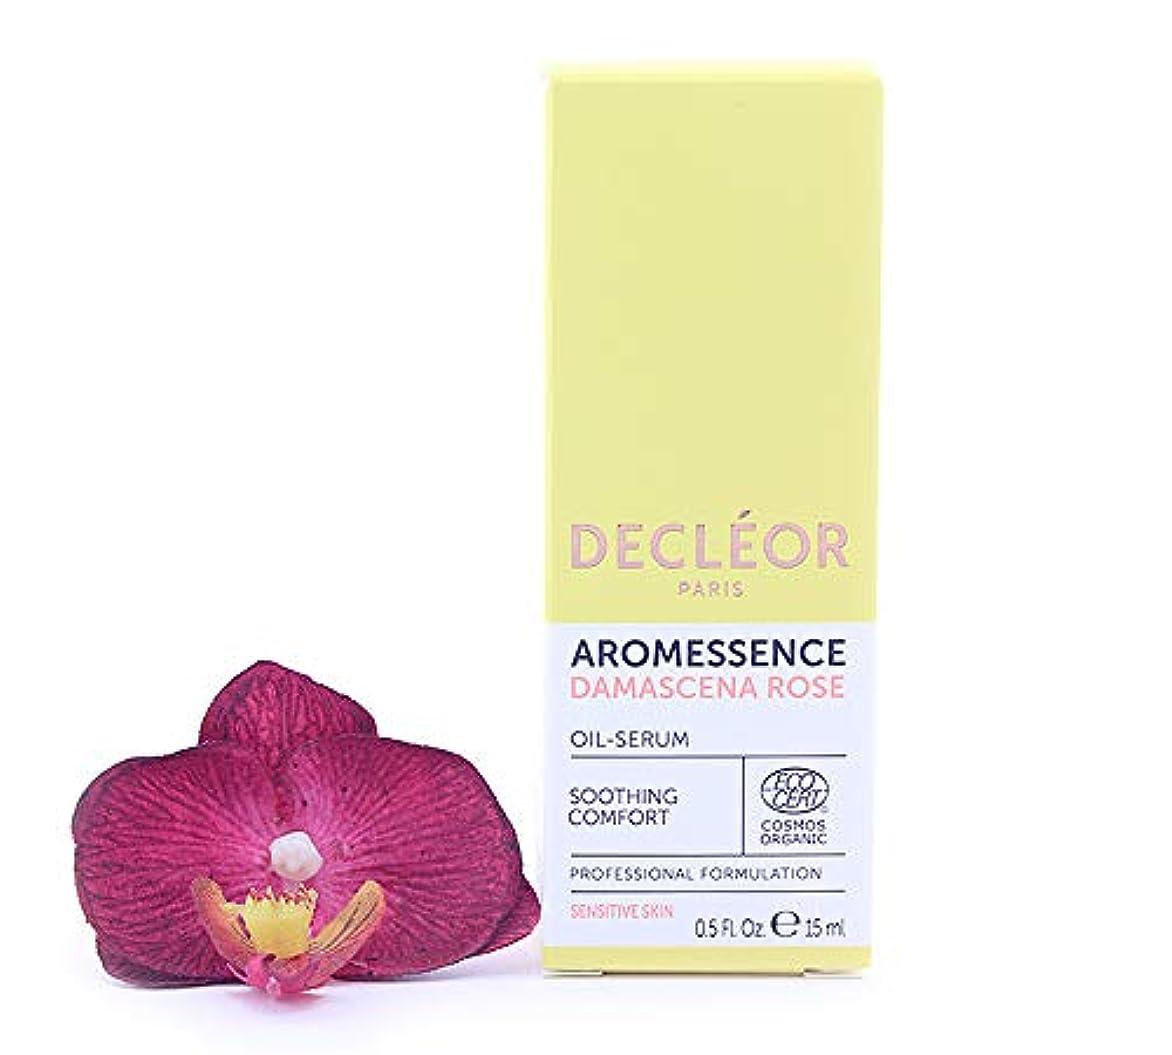 ホラーそう自分のデクレオール Aromessence Rose D'Orient (Damascena Rose) Soothing Comfort Oil Serum 15ml/0.5oz並行輸入品